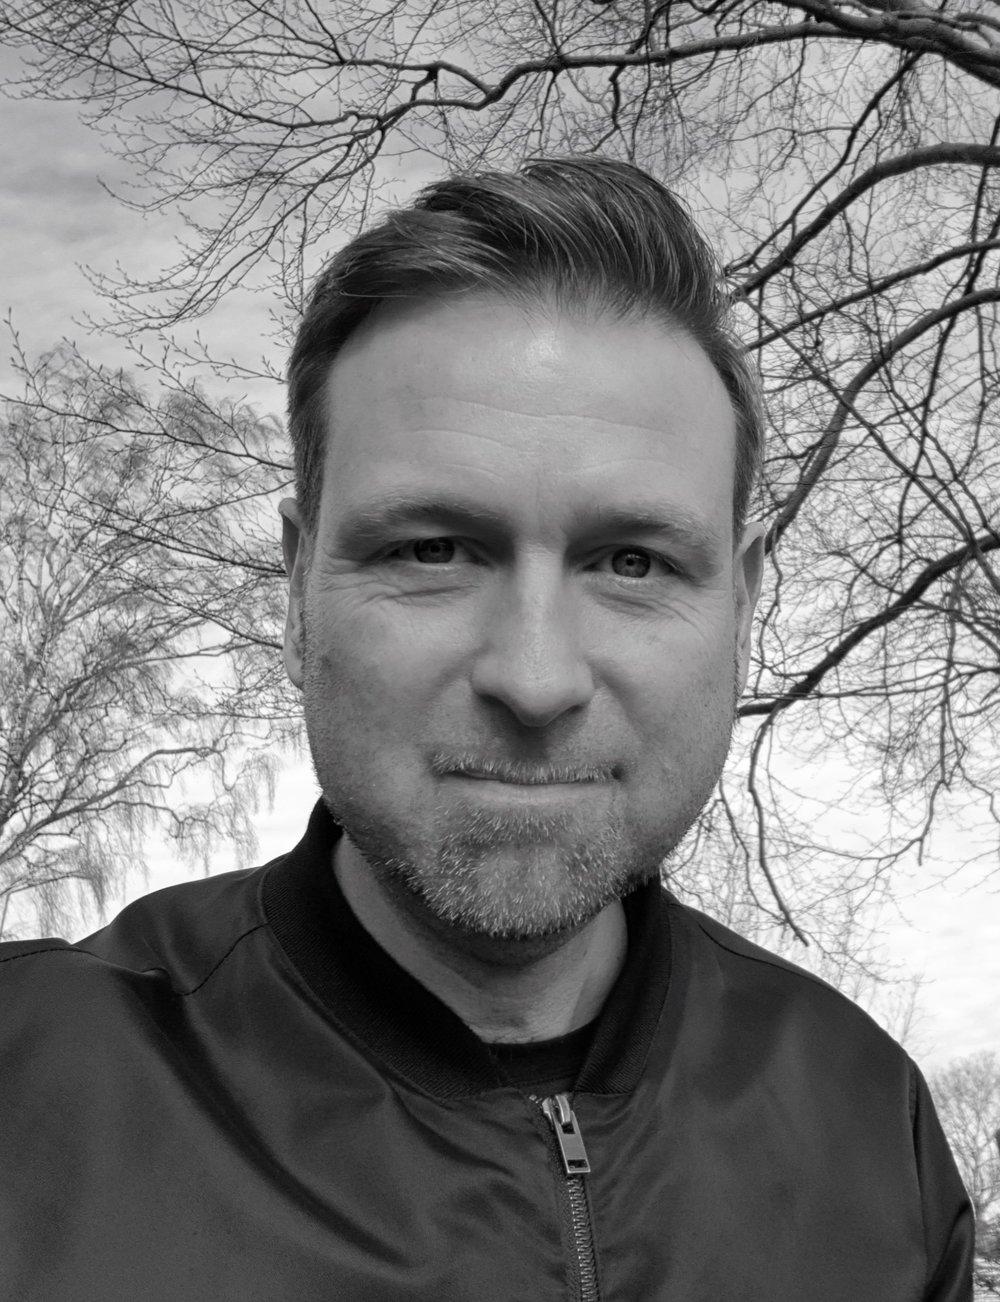 Peter Scharrf Smith - Peter Scharff Smith er professor i rettssosiologi ved Universitetet i Oslo. Han har tidligere forsket ved Institut for Menneskerettigheder, Københavns universitet og Cambridge University. Peter har publiceret 14 bøger og et stort antal artikler om straf, fængsler, krigsforbrydelser og menneskerettigheder. Hans seneste bog (redigeret med Rachel Condry) er